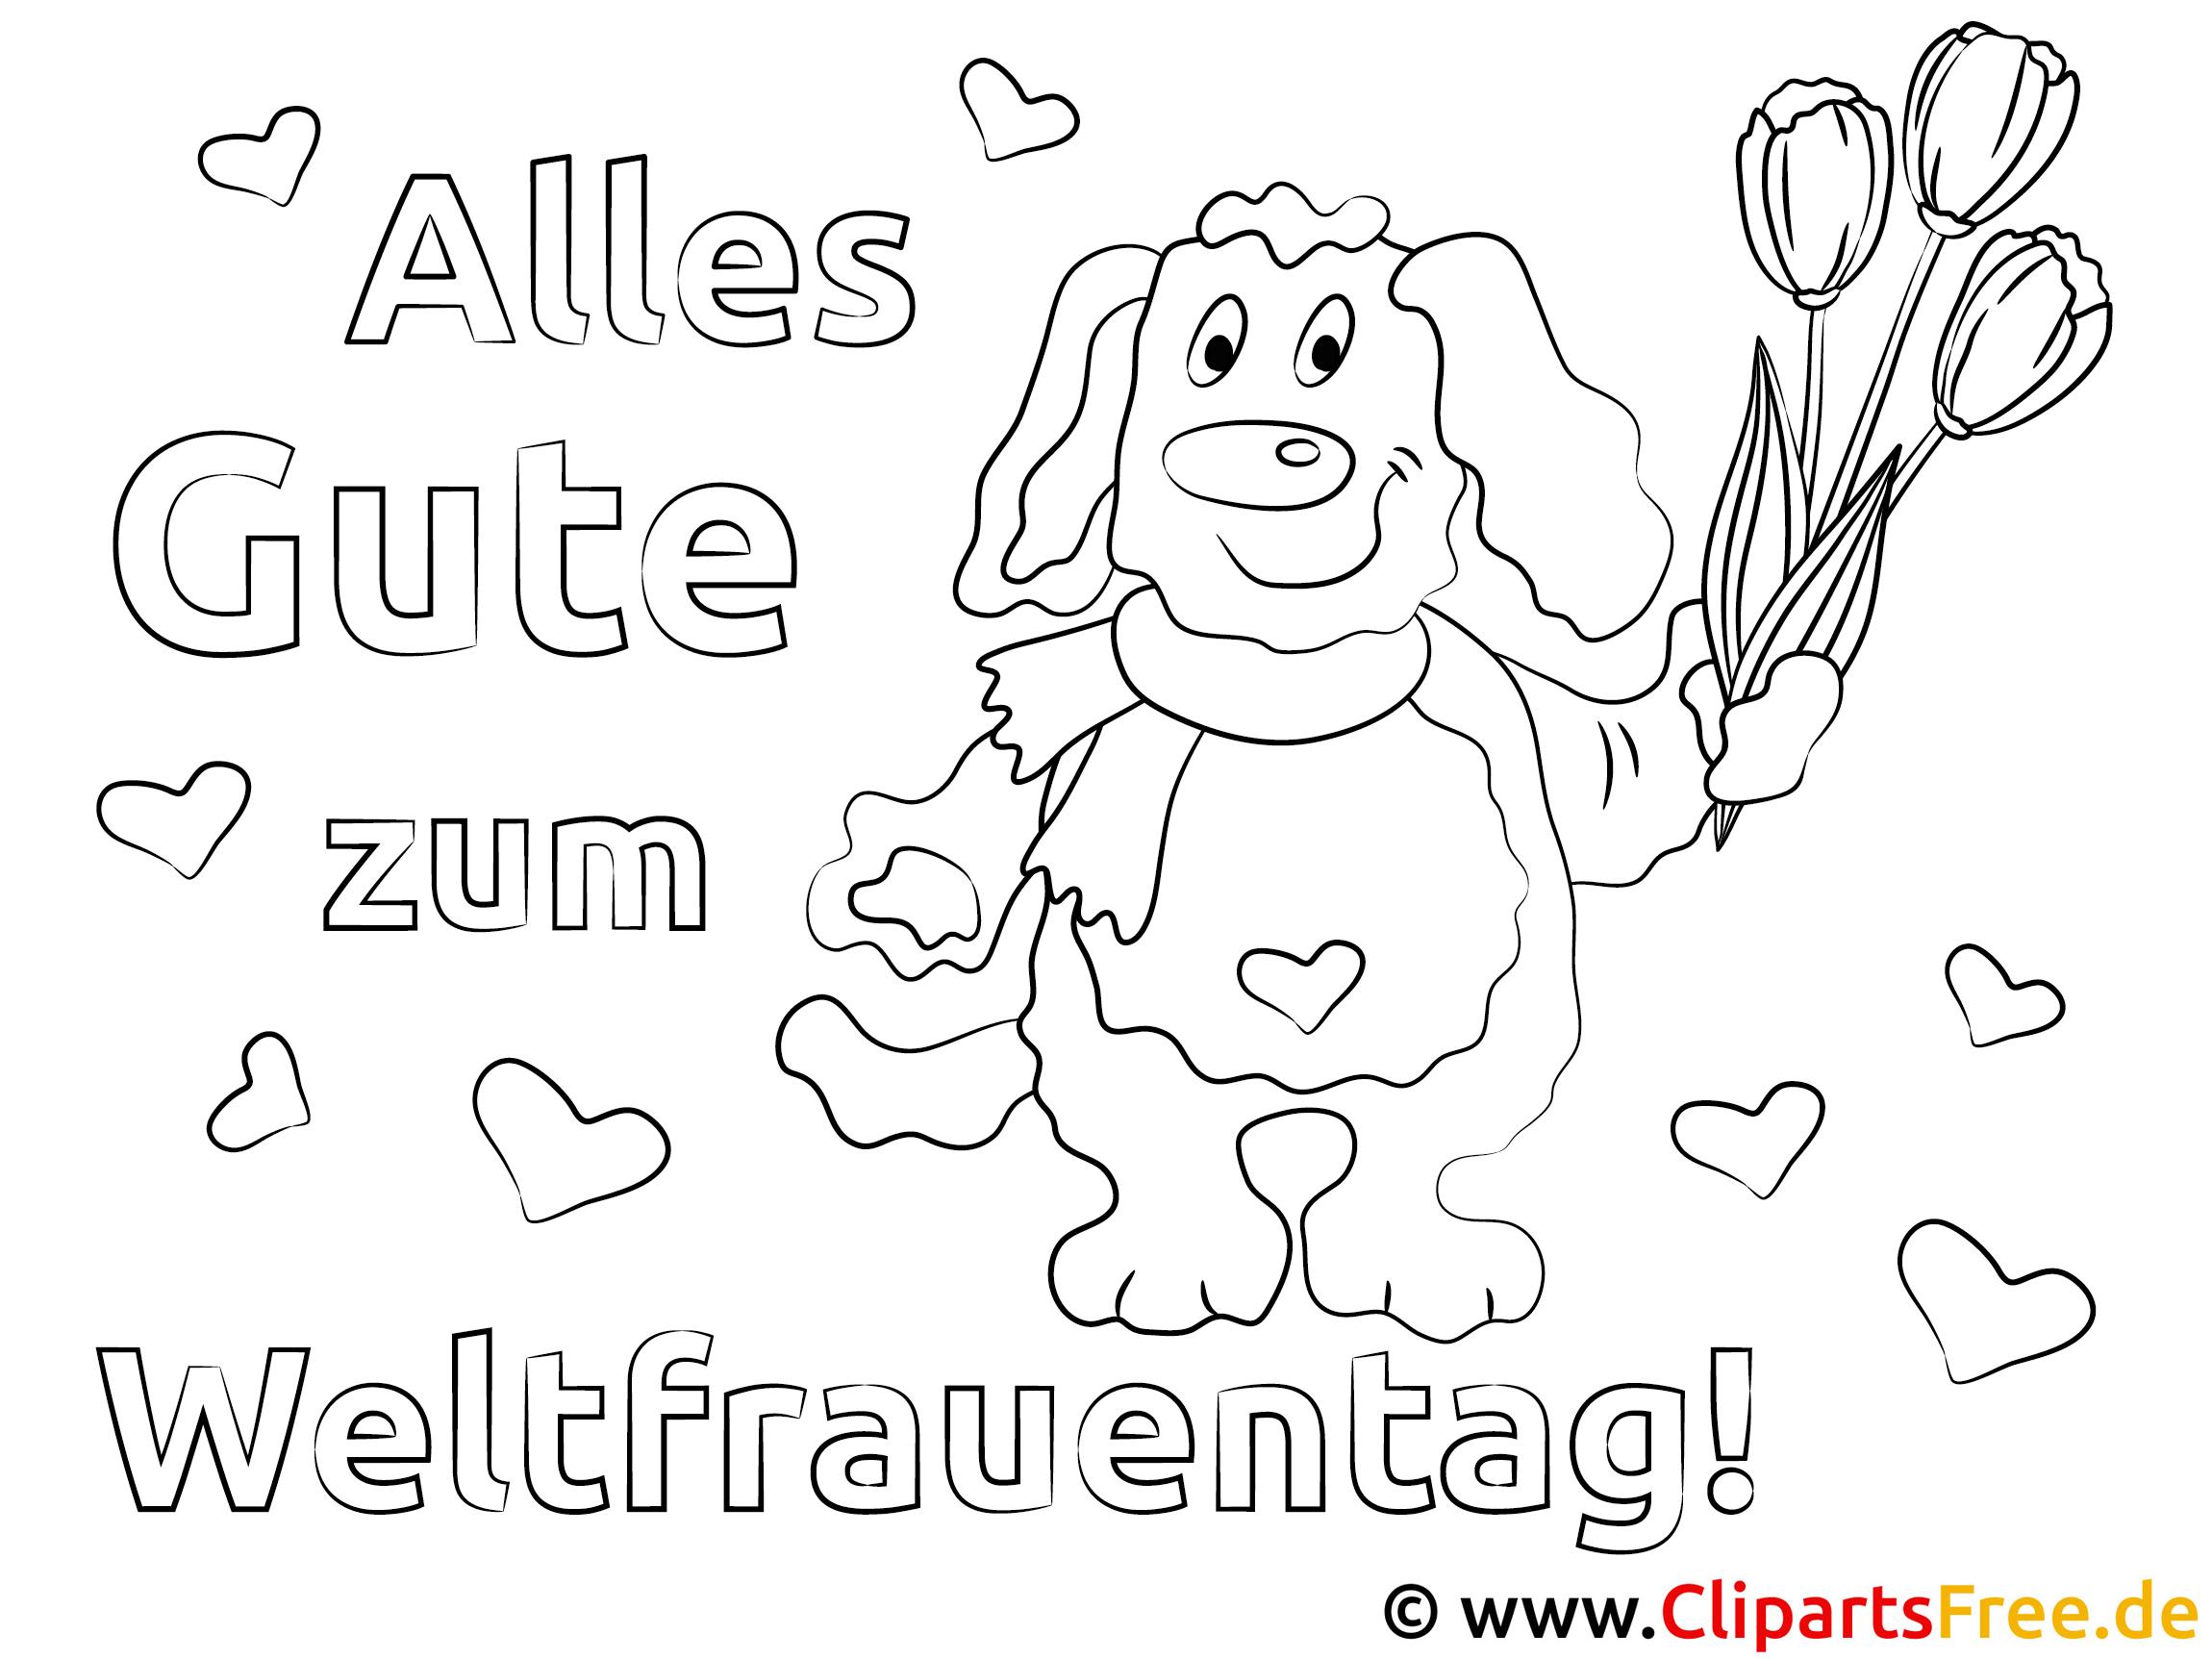 Groß Gute Malvorlagen Zeitgenössisch - Malvorlagen Von Tieren ...